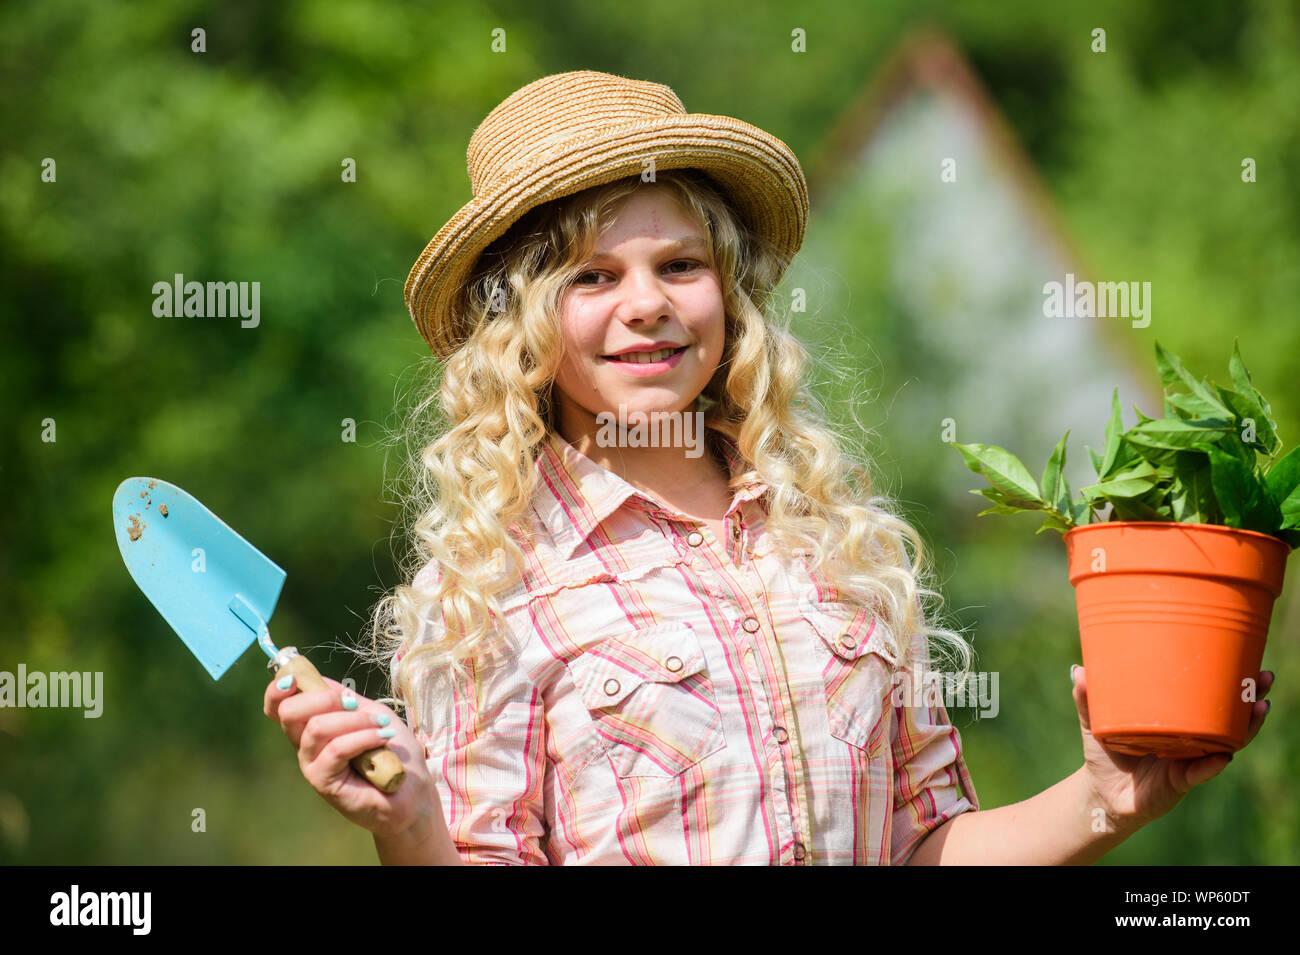 Работа на лето девушка модели коммуникаций курсовая работа